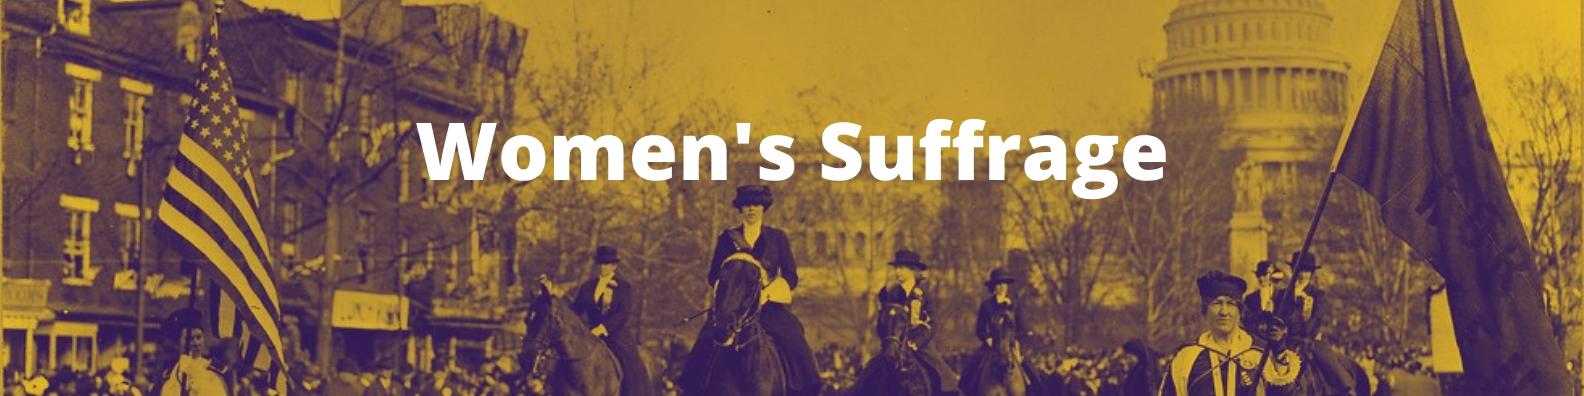 women's suffrage - banner